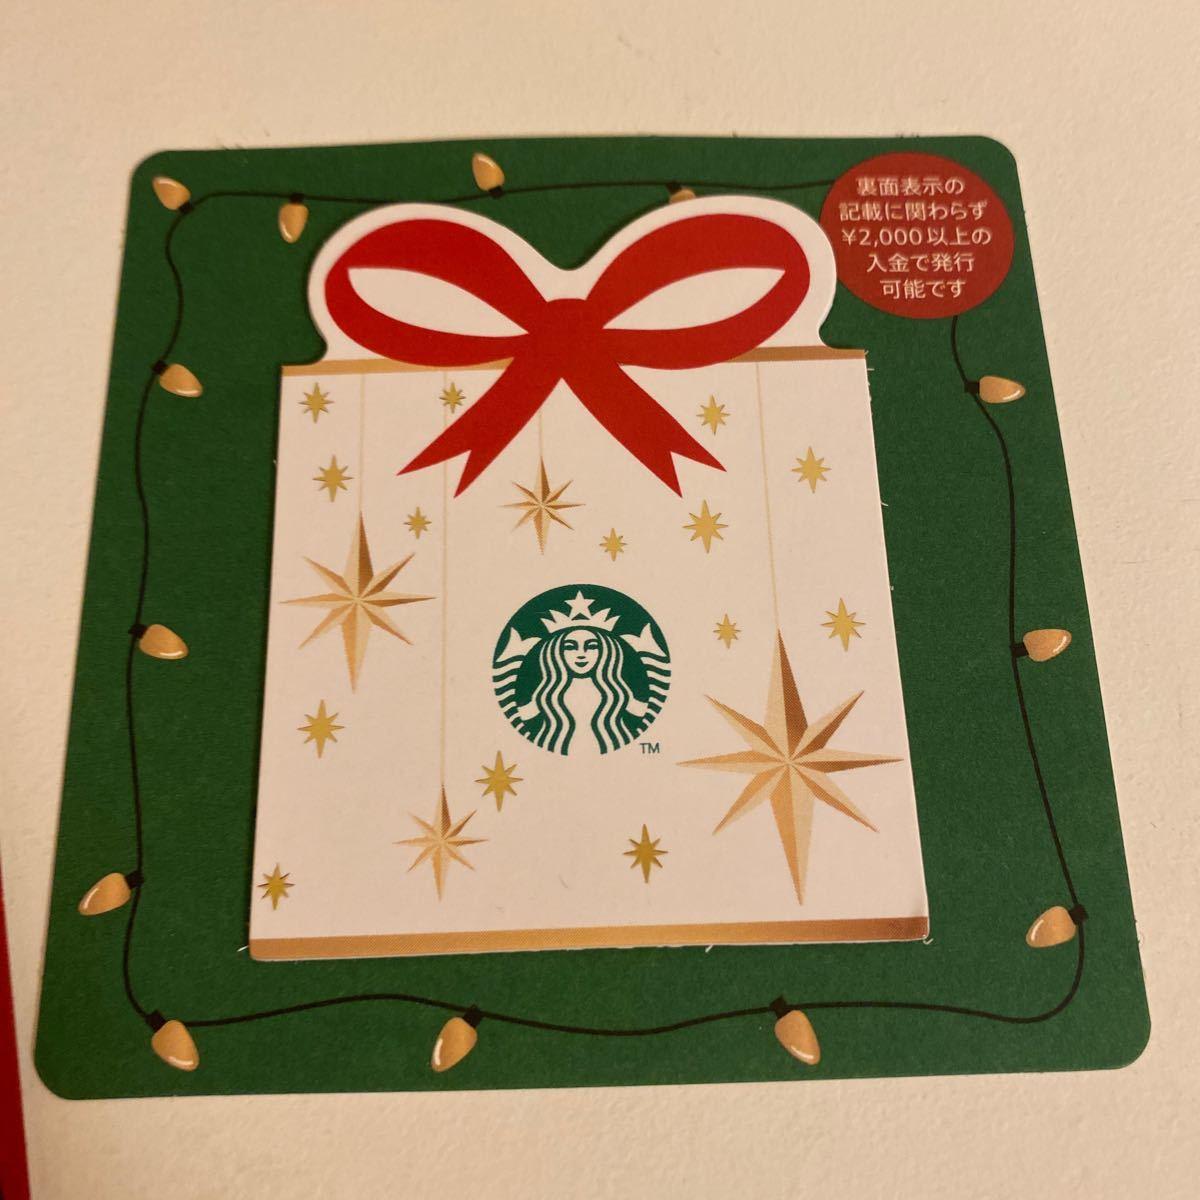 スターバックスカード スターバックス スタバカード スタバ クリスマス 2020